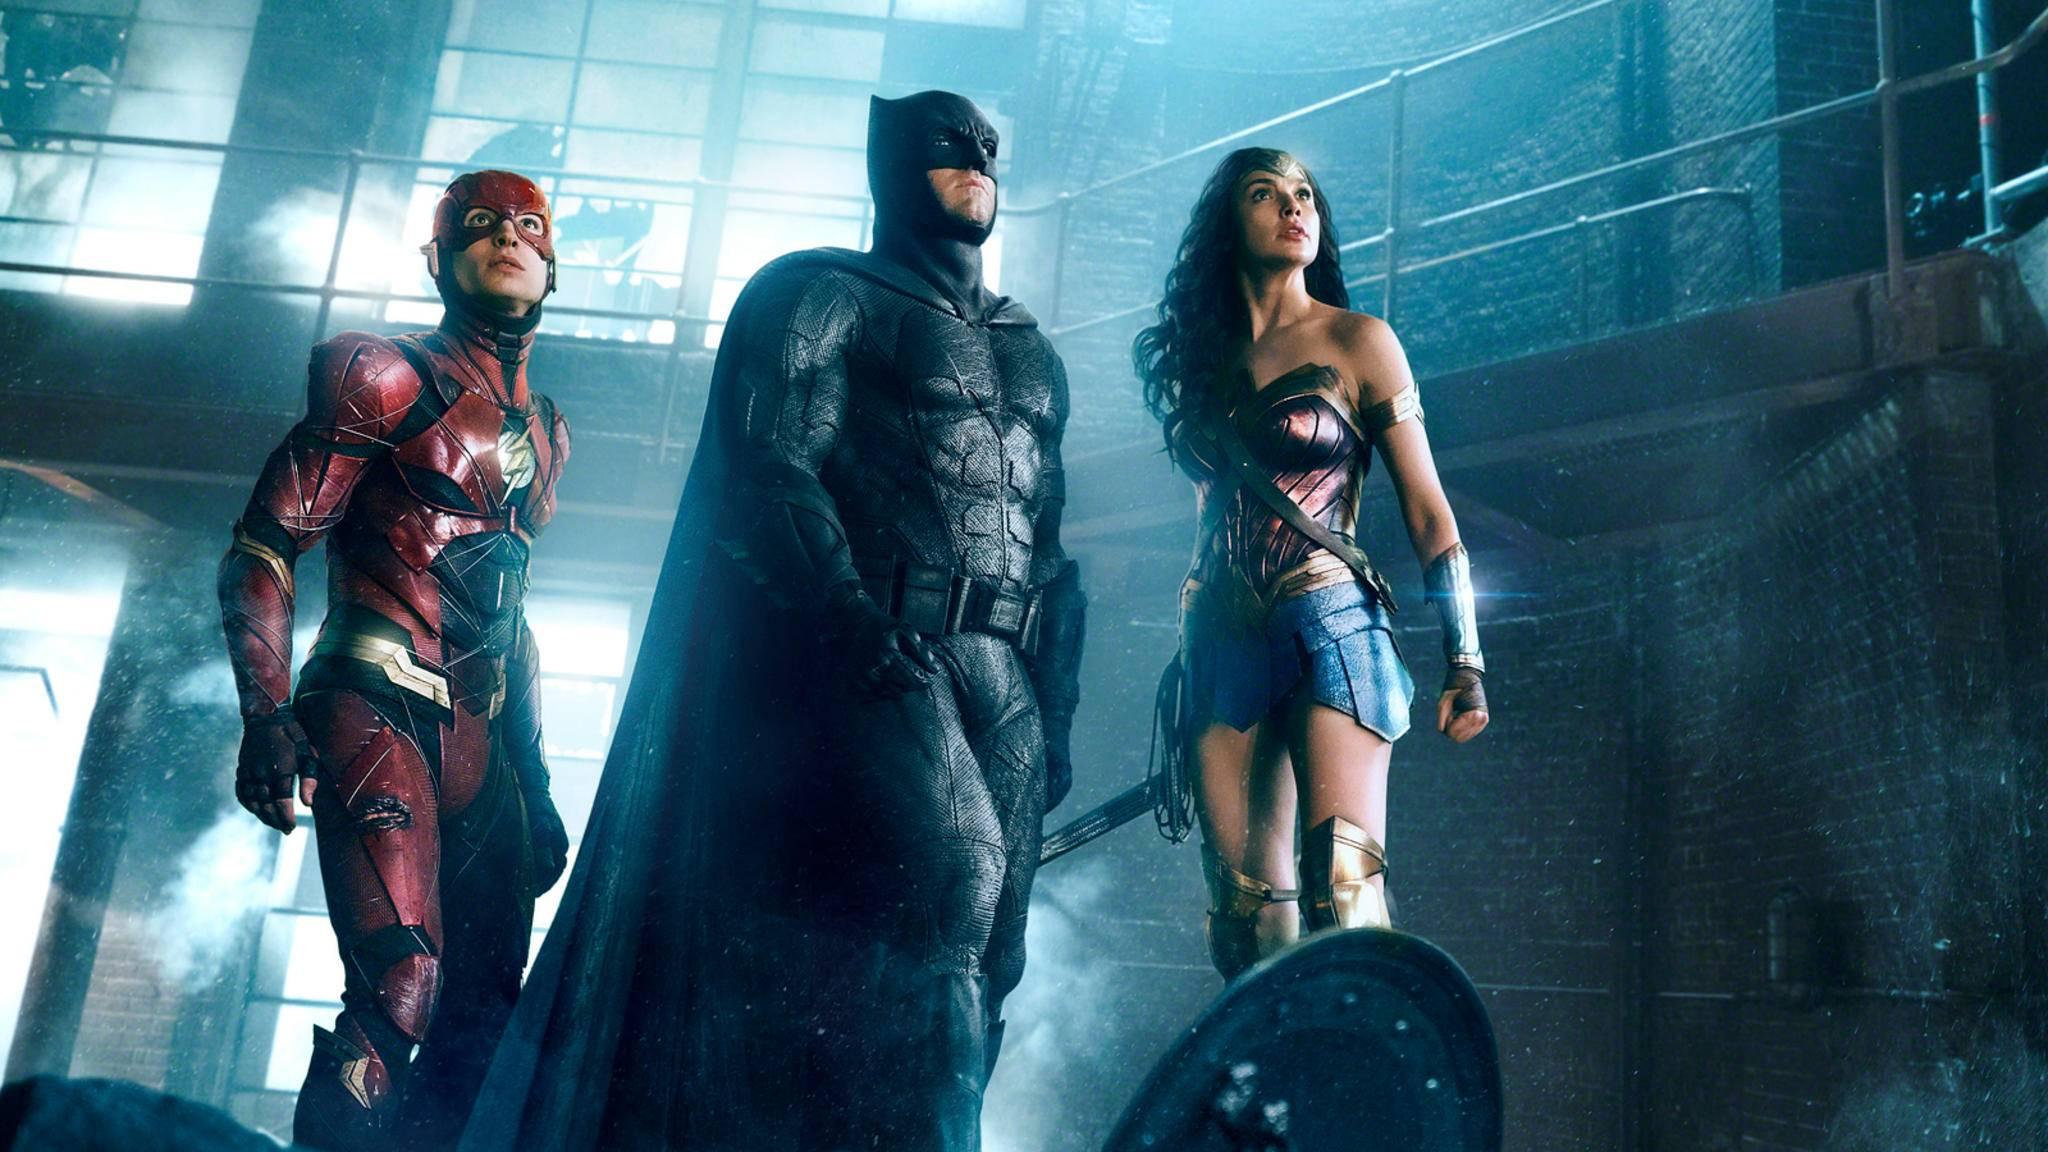 """Ist es ein Vogel? Ist es ein Flugzeug? Vielleicht ist es Superman, der in """"Justice League"""" zu seinen Kollegen Batman (Ben Affleck), Wonder Woman (Gal Gadot) und Flash (Ezra Miller) zurückkehrt..."""